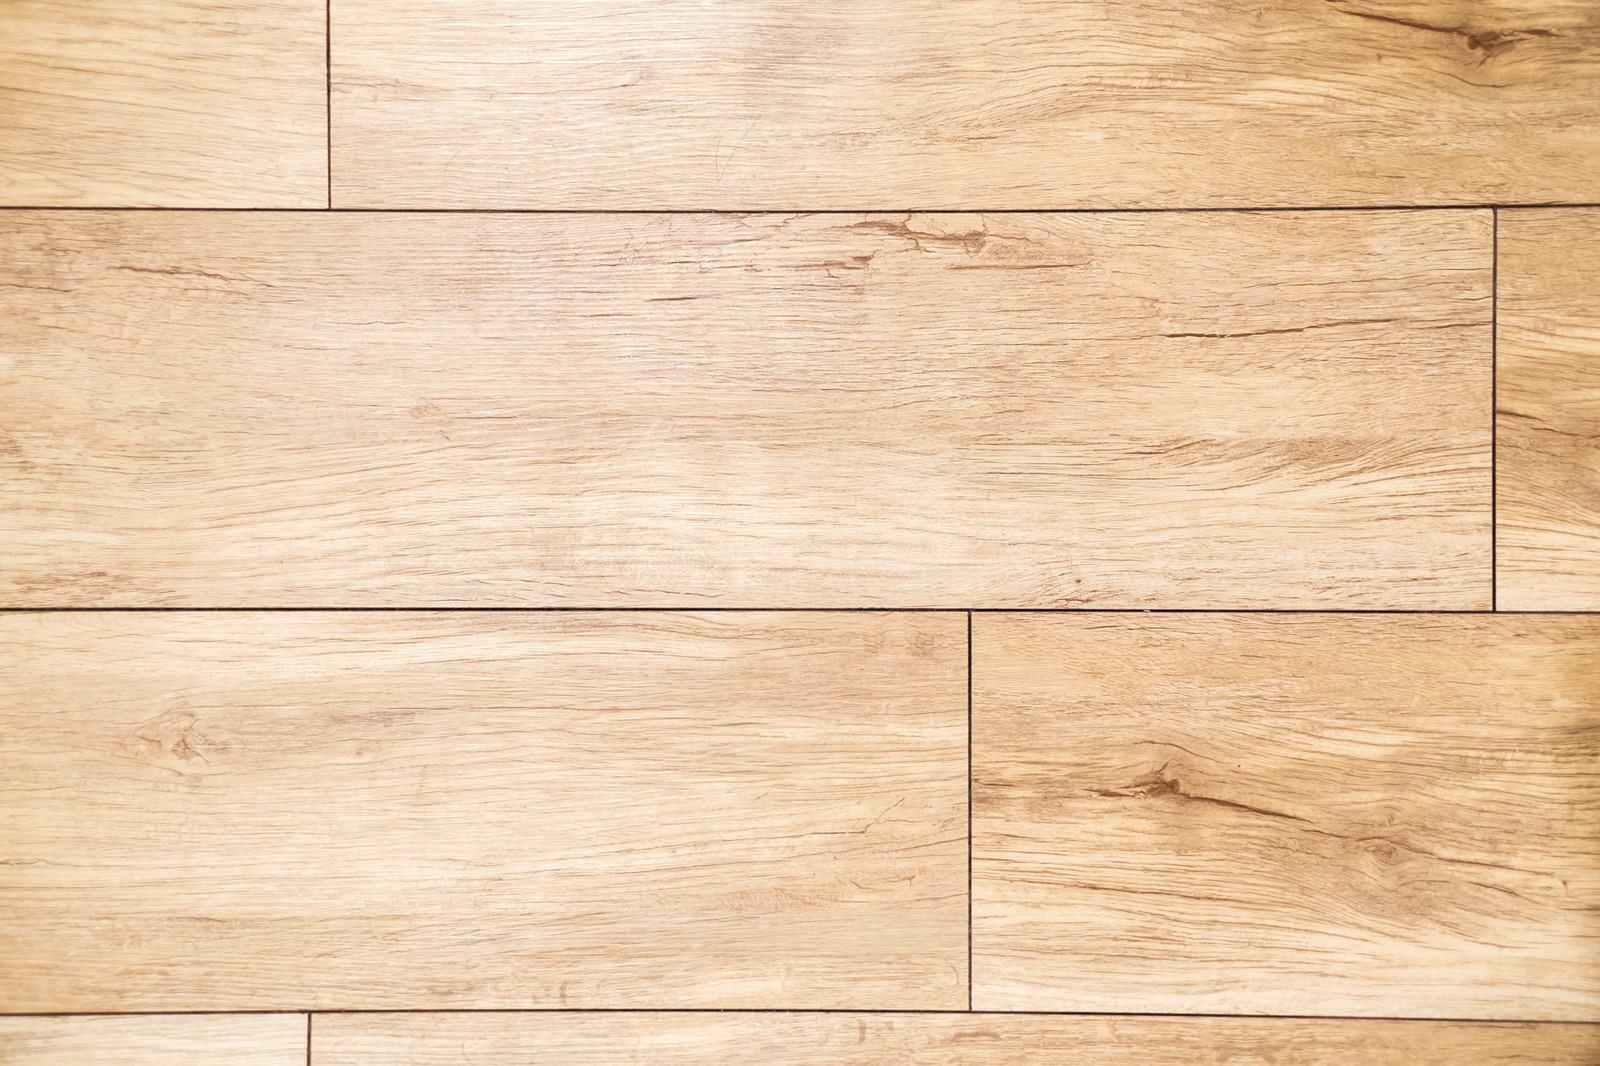 「木目調の床木目調の床」のフリー写真素材を拡大